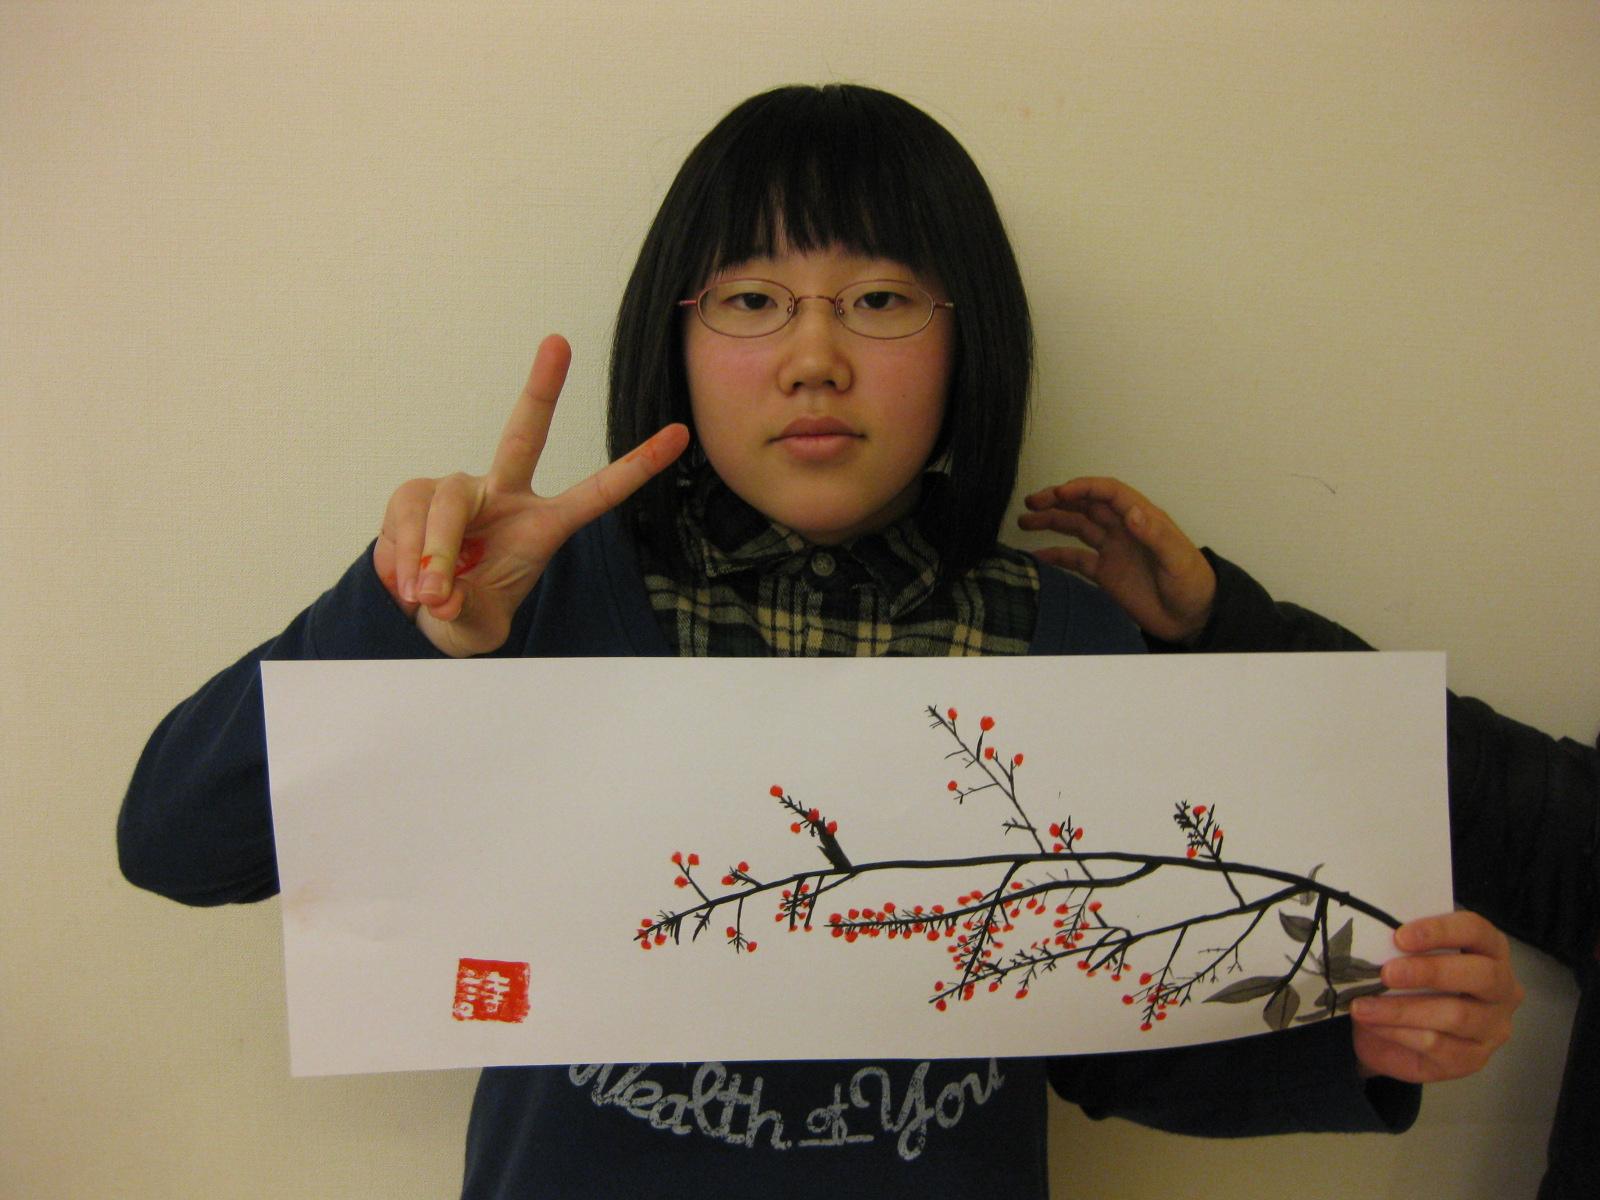 水墨画~松井山手教室_f0215199_15254345.jpg